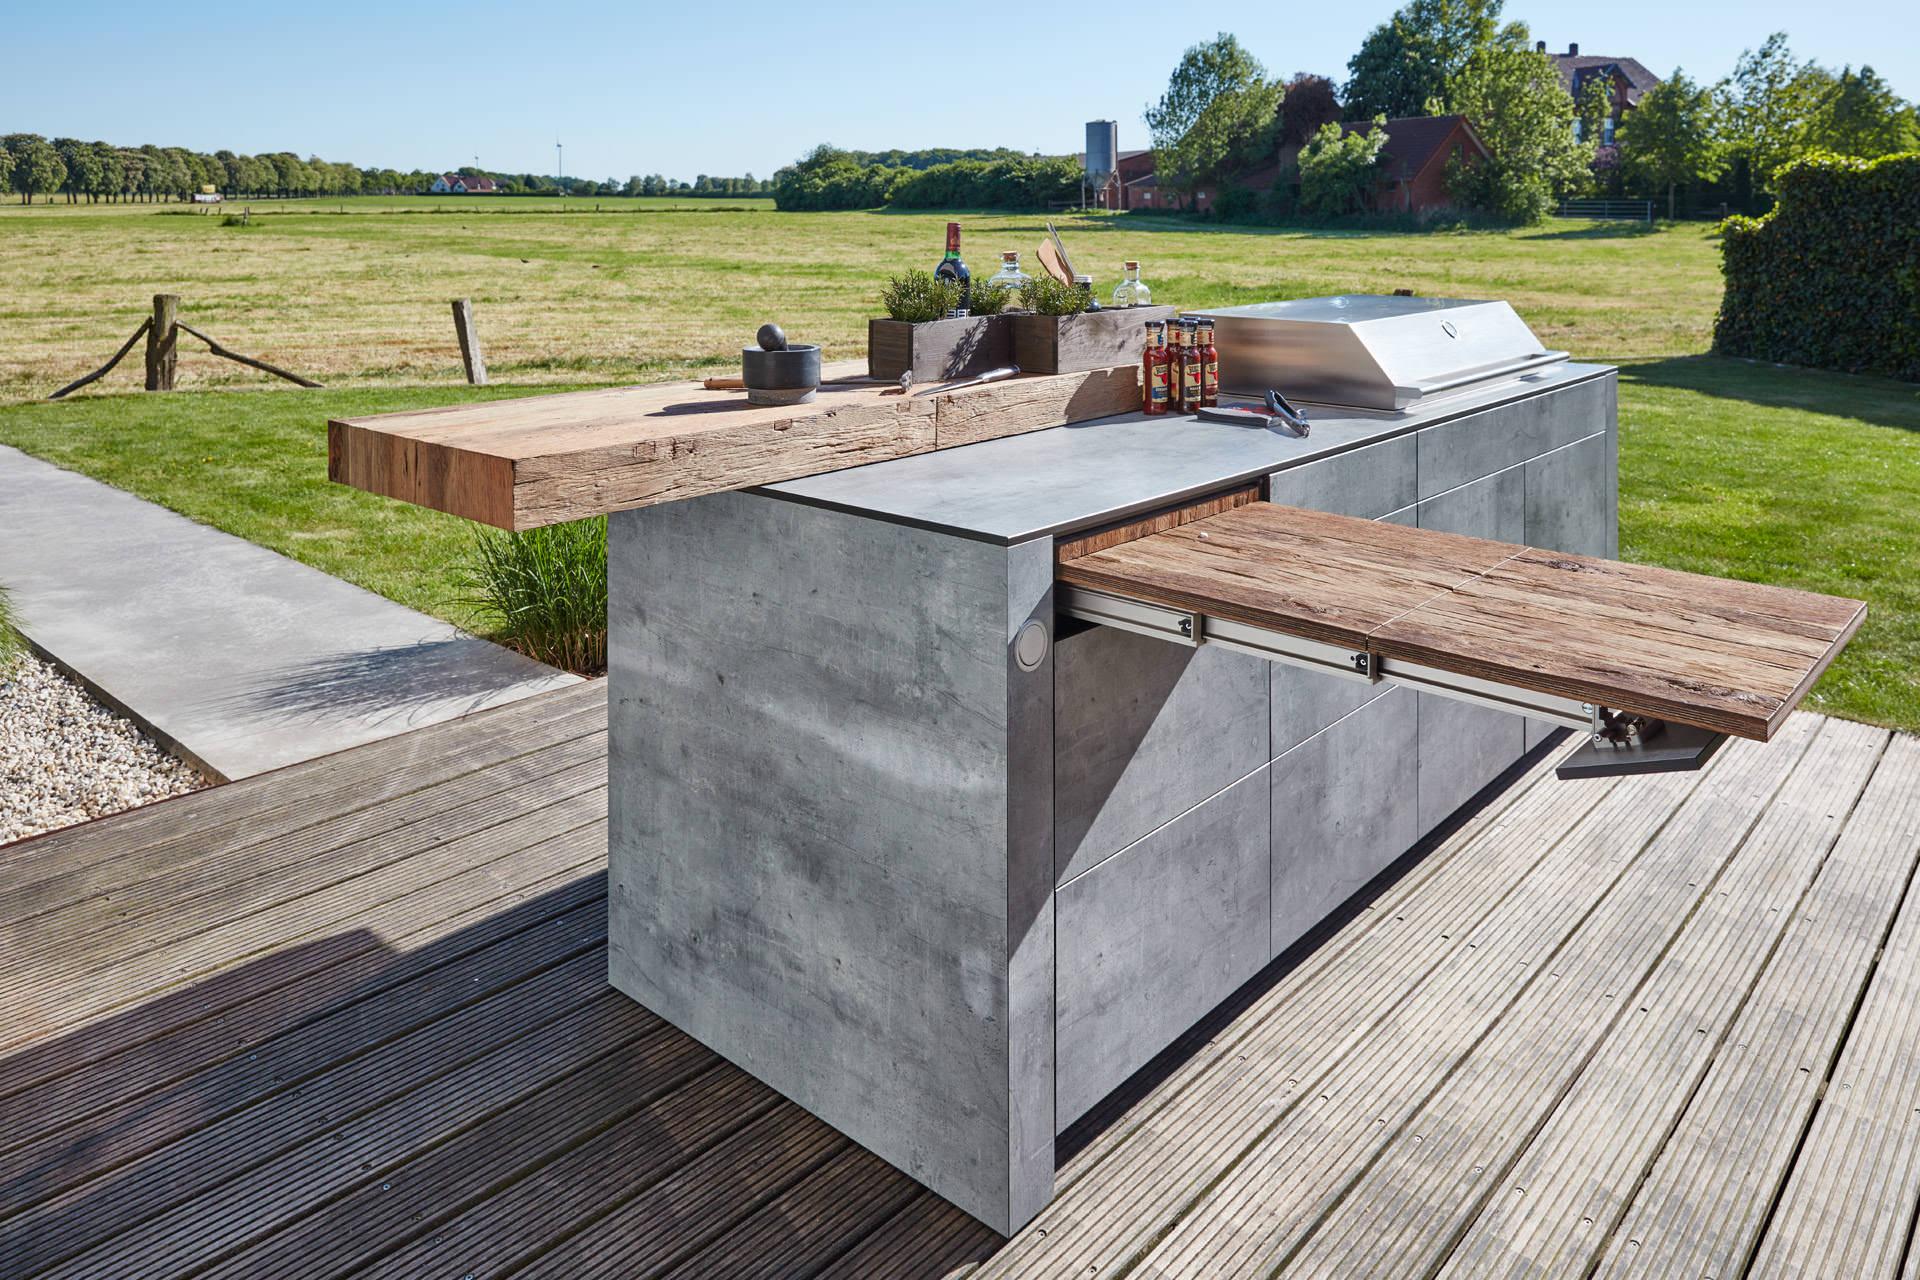 Outdoorküche Garten Jobs : Gartenküche und küchengarten u a gärten von eckhardt gmbh co kg